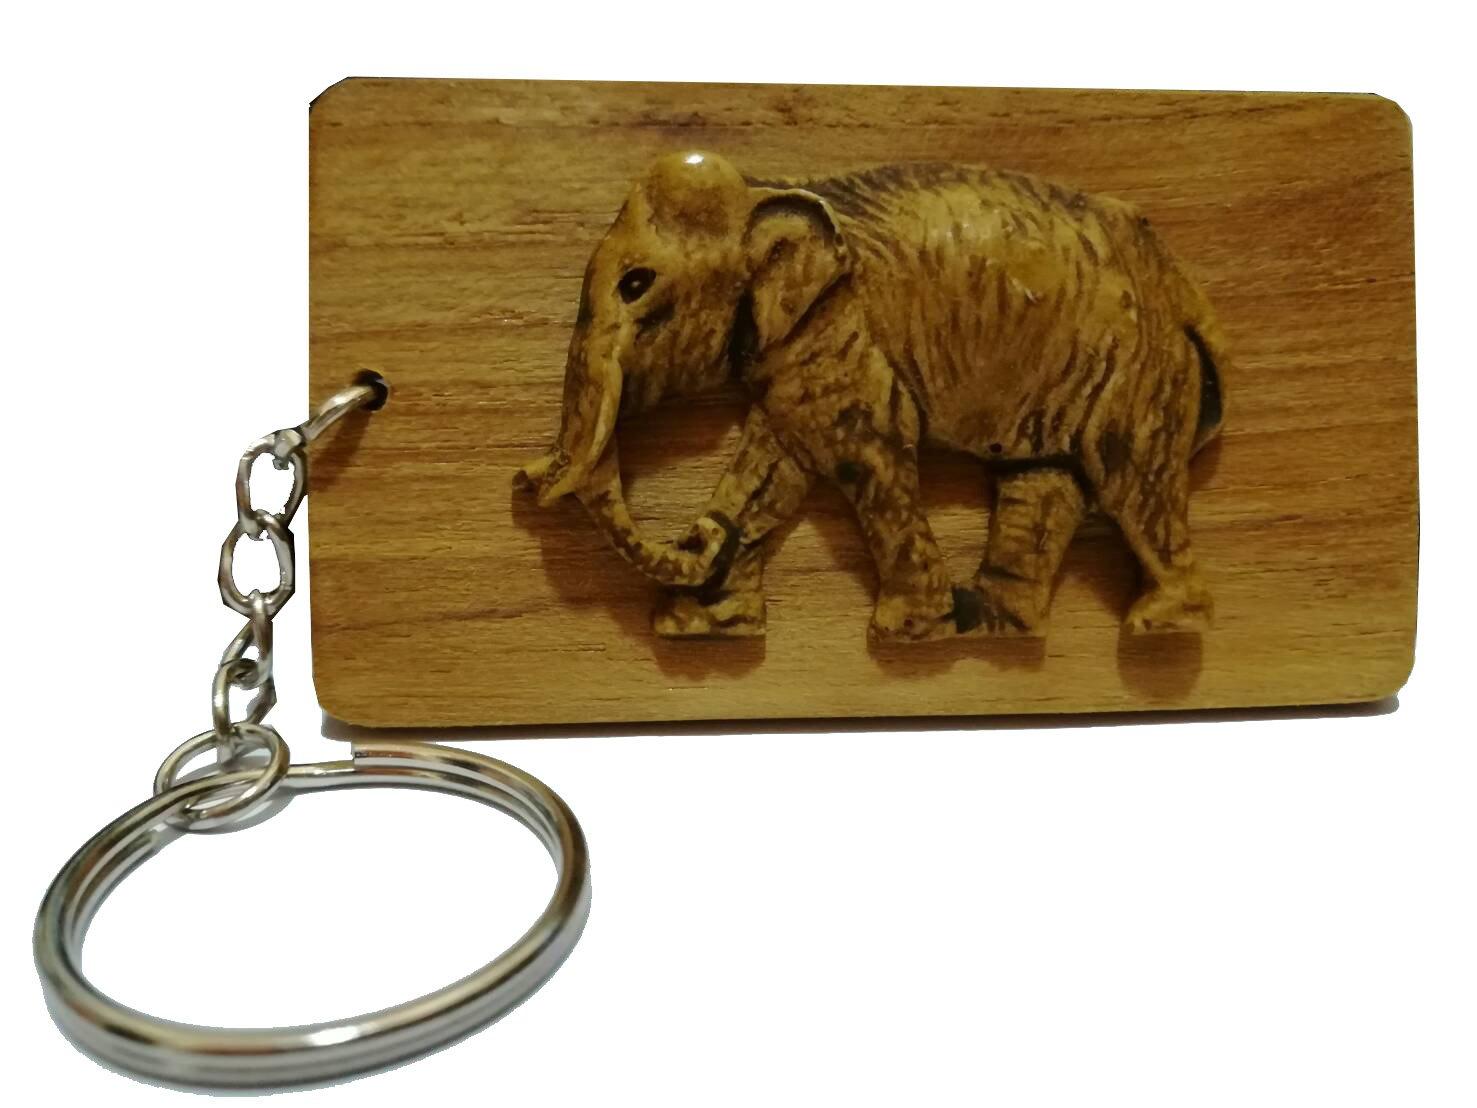 【オンライン限定商品】 Thai B079H379R8 Elephant Wood Handmade Souvenir Keychain Souvenir Keychain B079H379R8, モーターマガジン Web Shop:1eaaaa6f --- arianechie.dominiotemporario.com